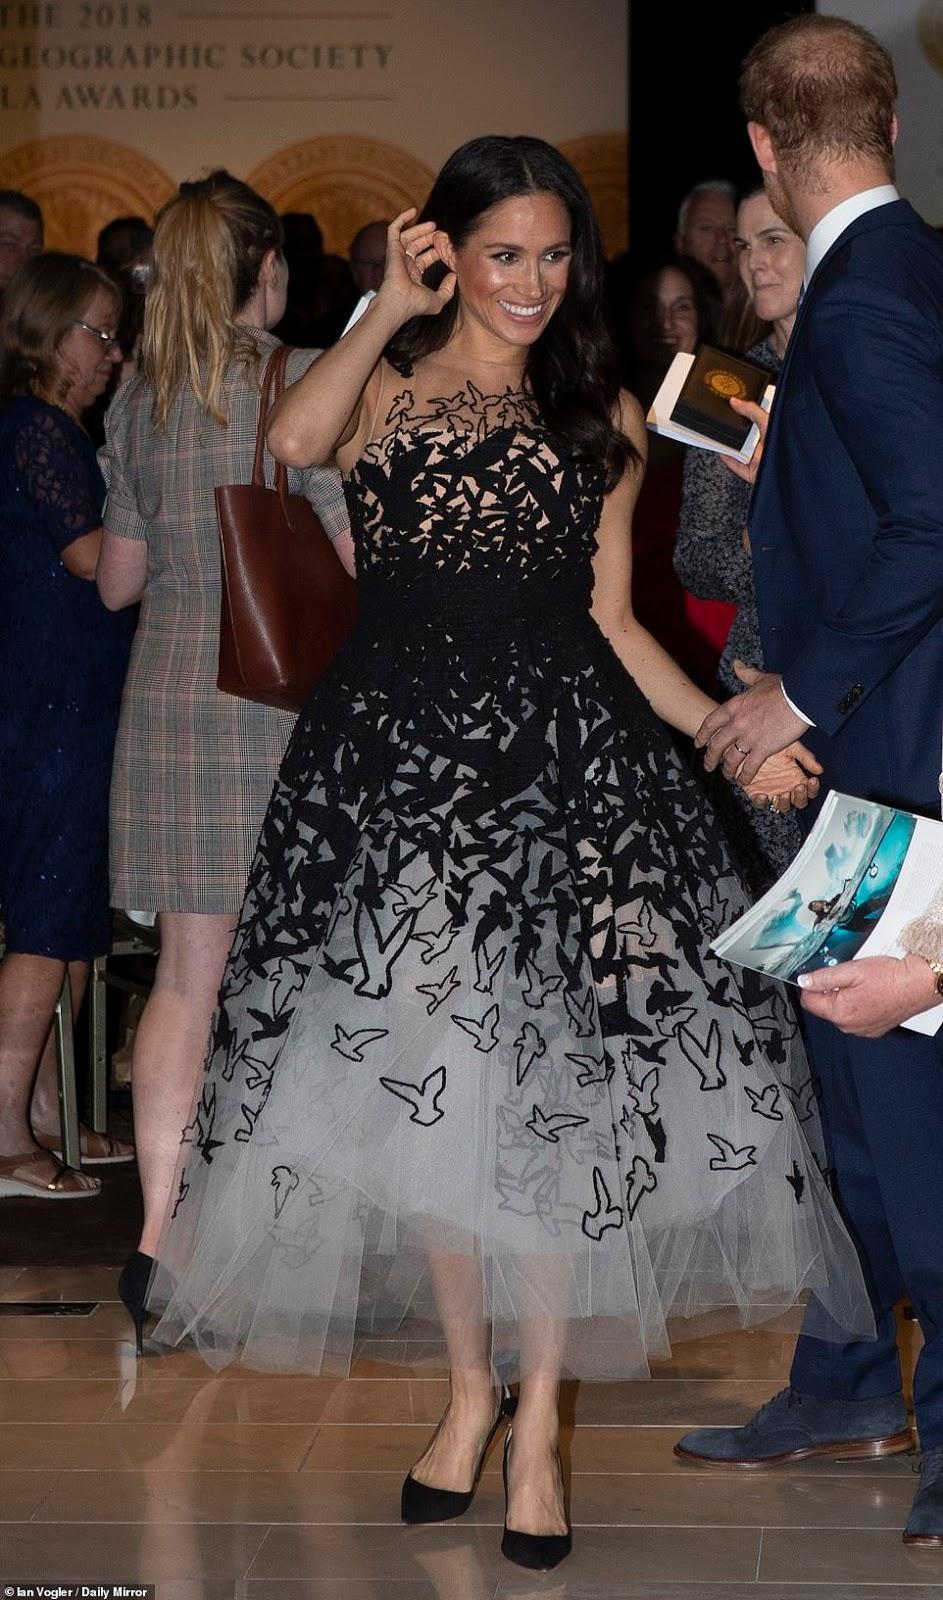 Meghan Markle dazzles in Oscar de la Renta at Sydney Awards Ceremony